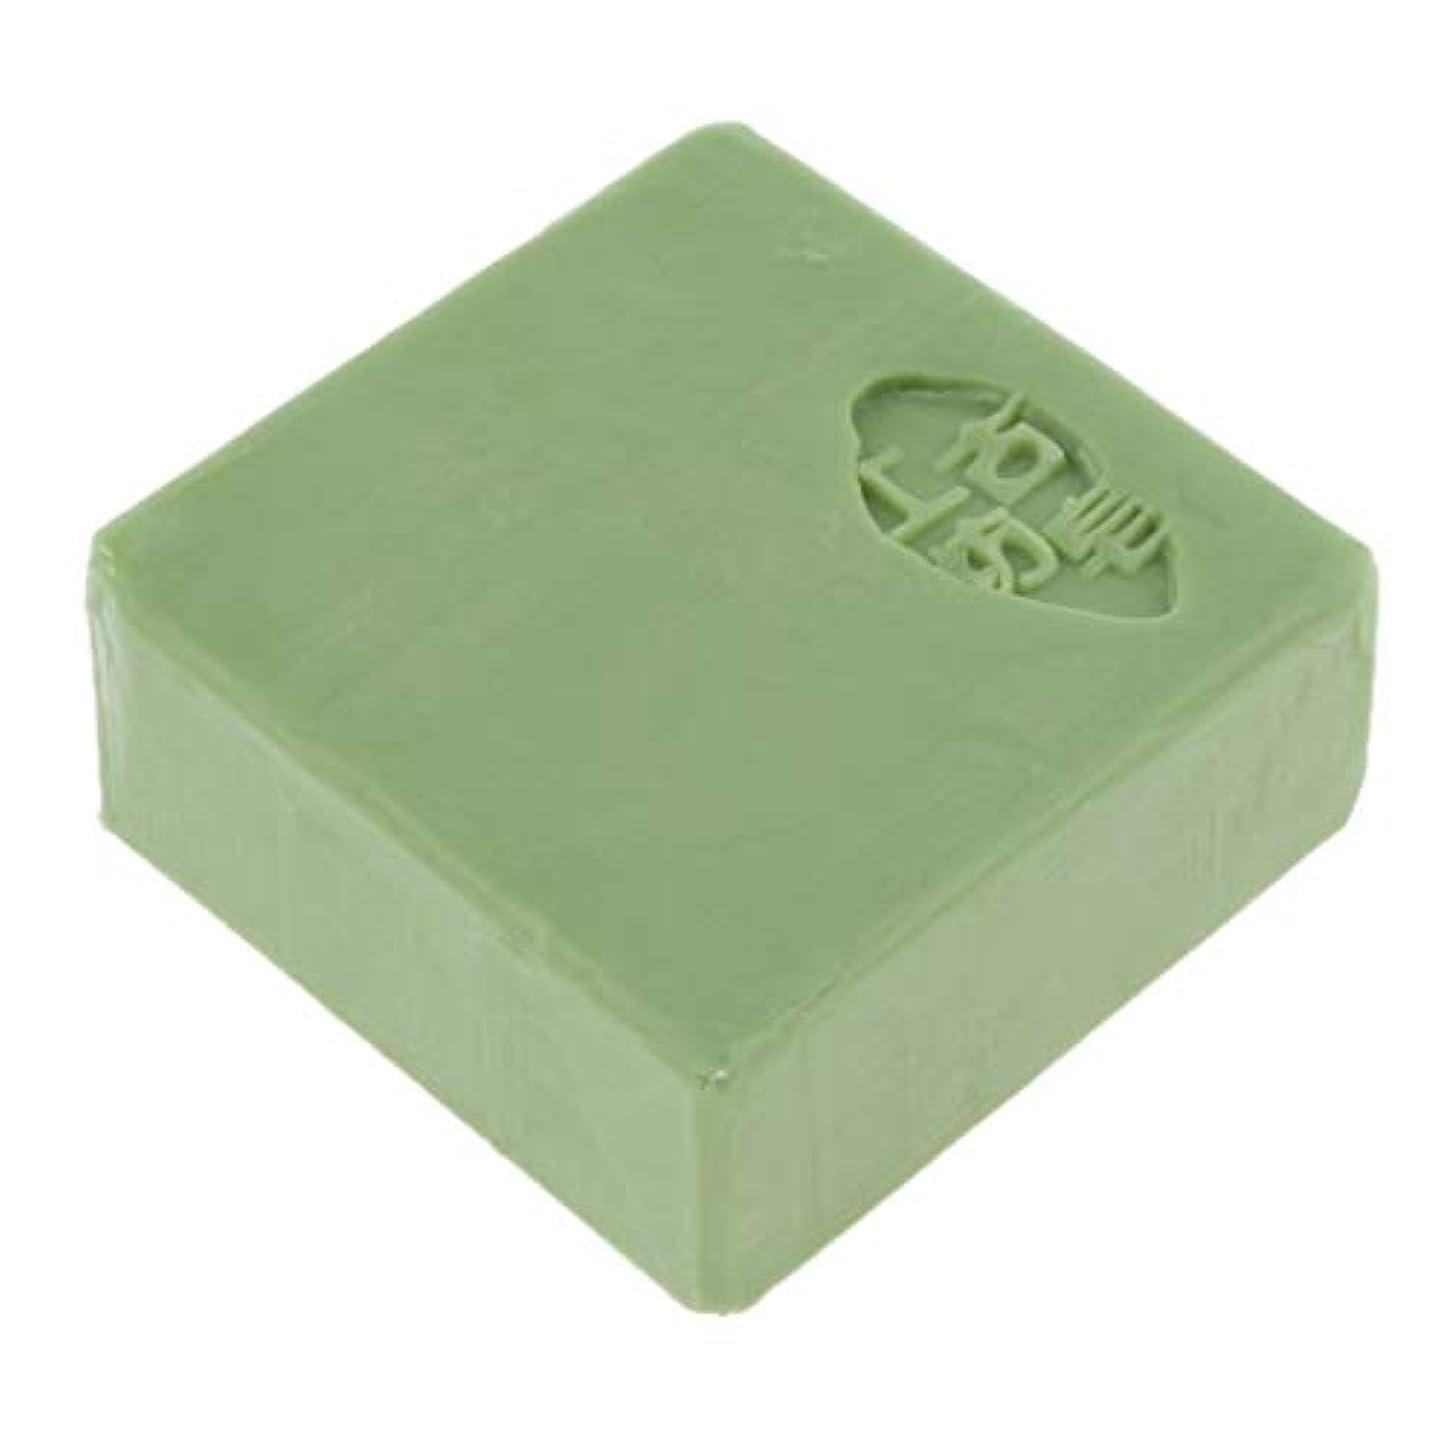 薬理学お茶玉ボディ フェイスソープ バス スキンケア 保湿 肌守り 全3色 - 緑